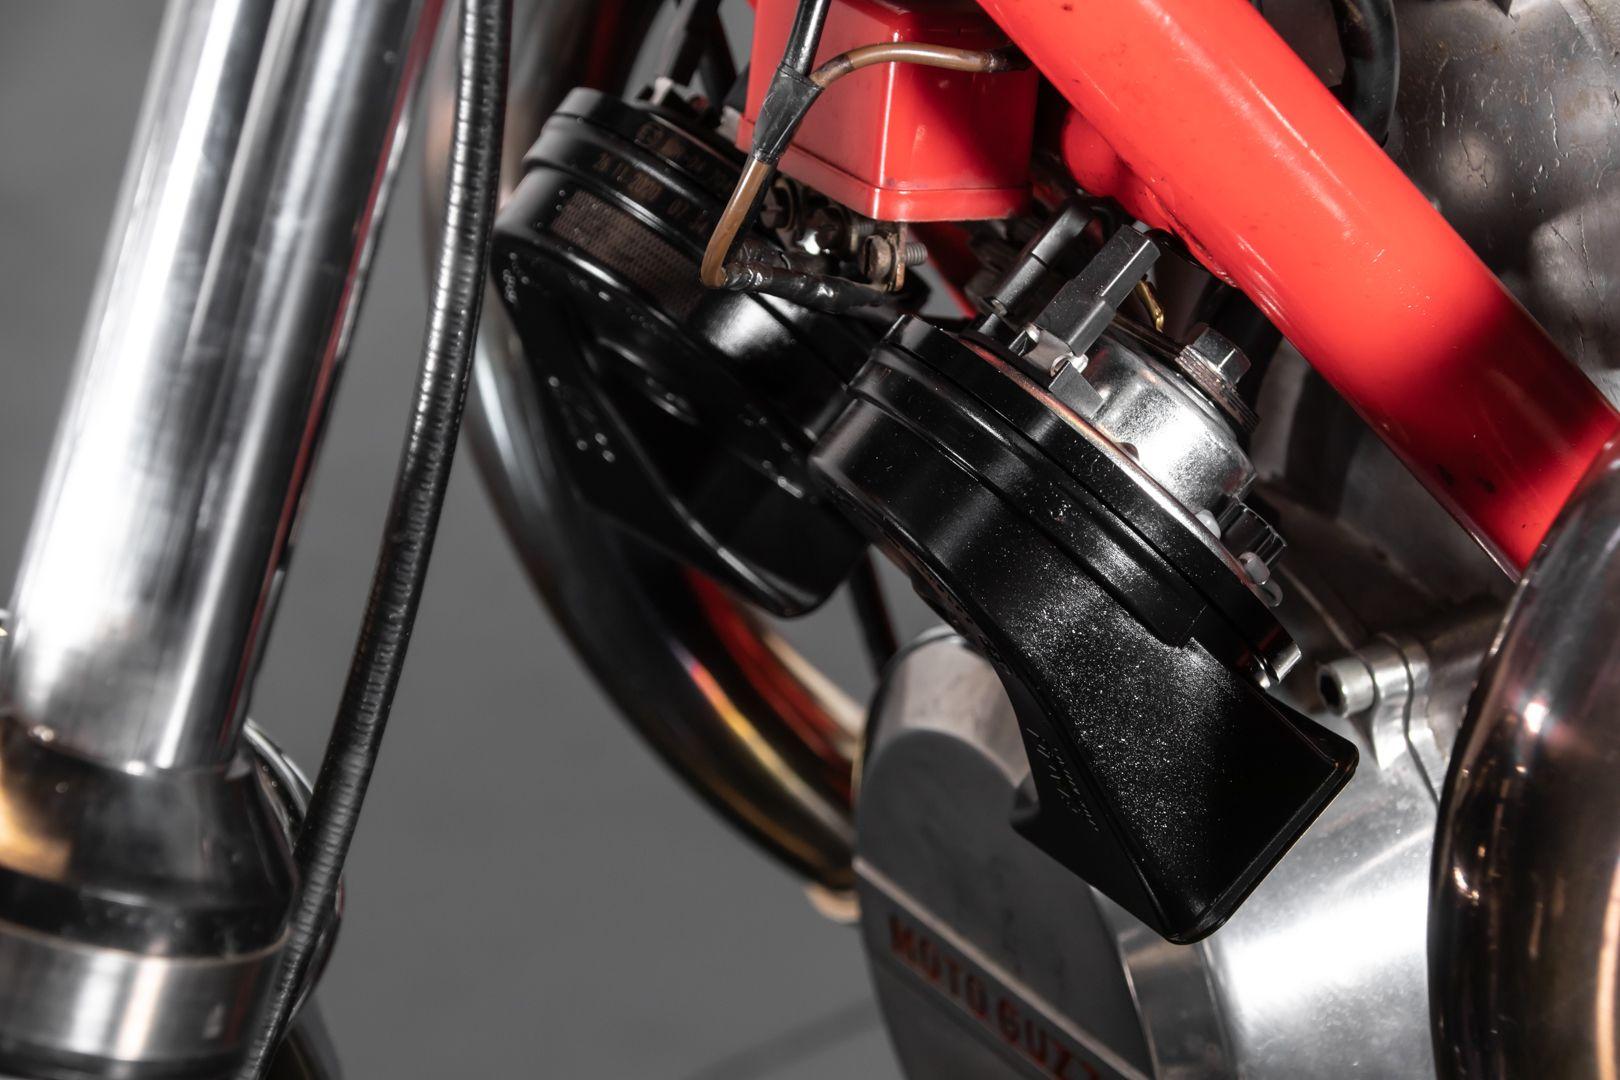 1972 Moto Guzzi V7 Sport Telaio Rosso 76534